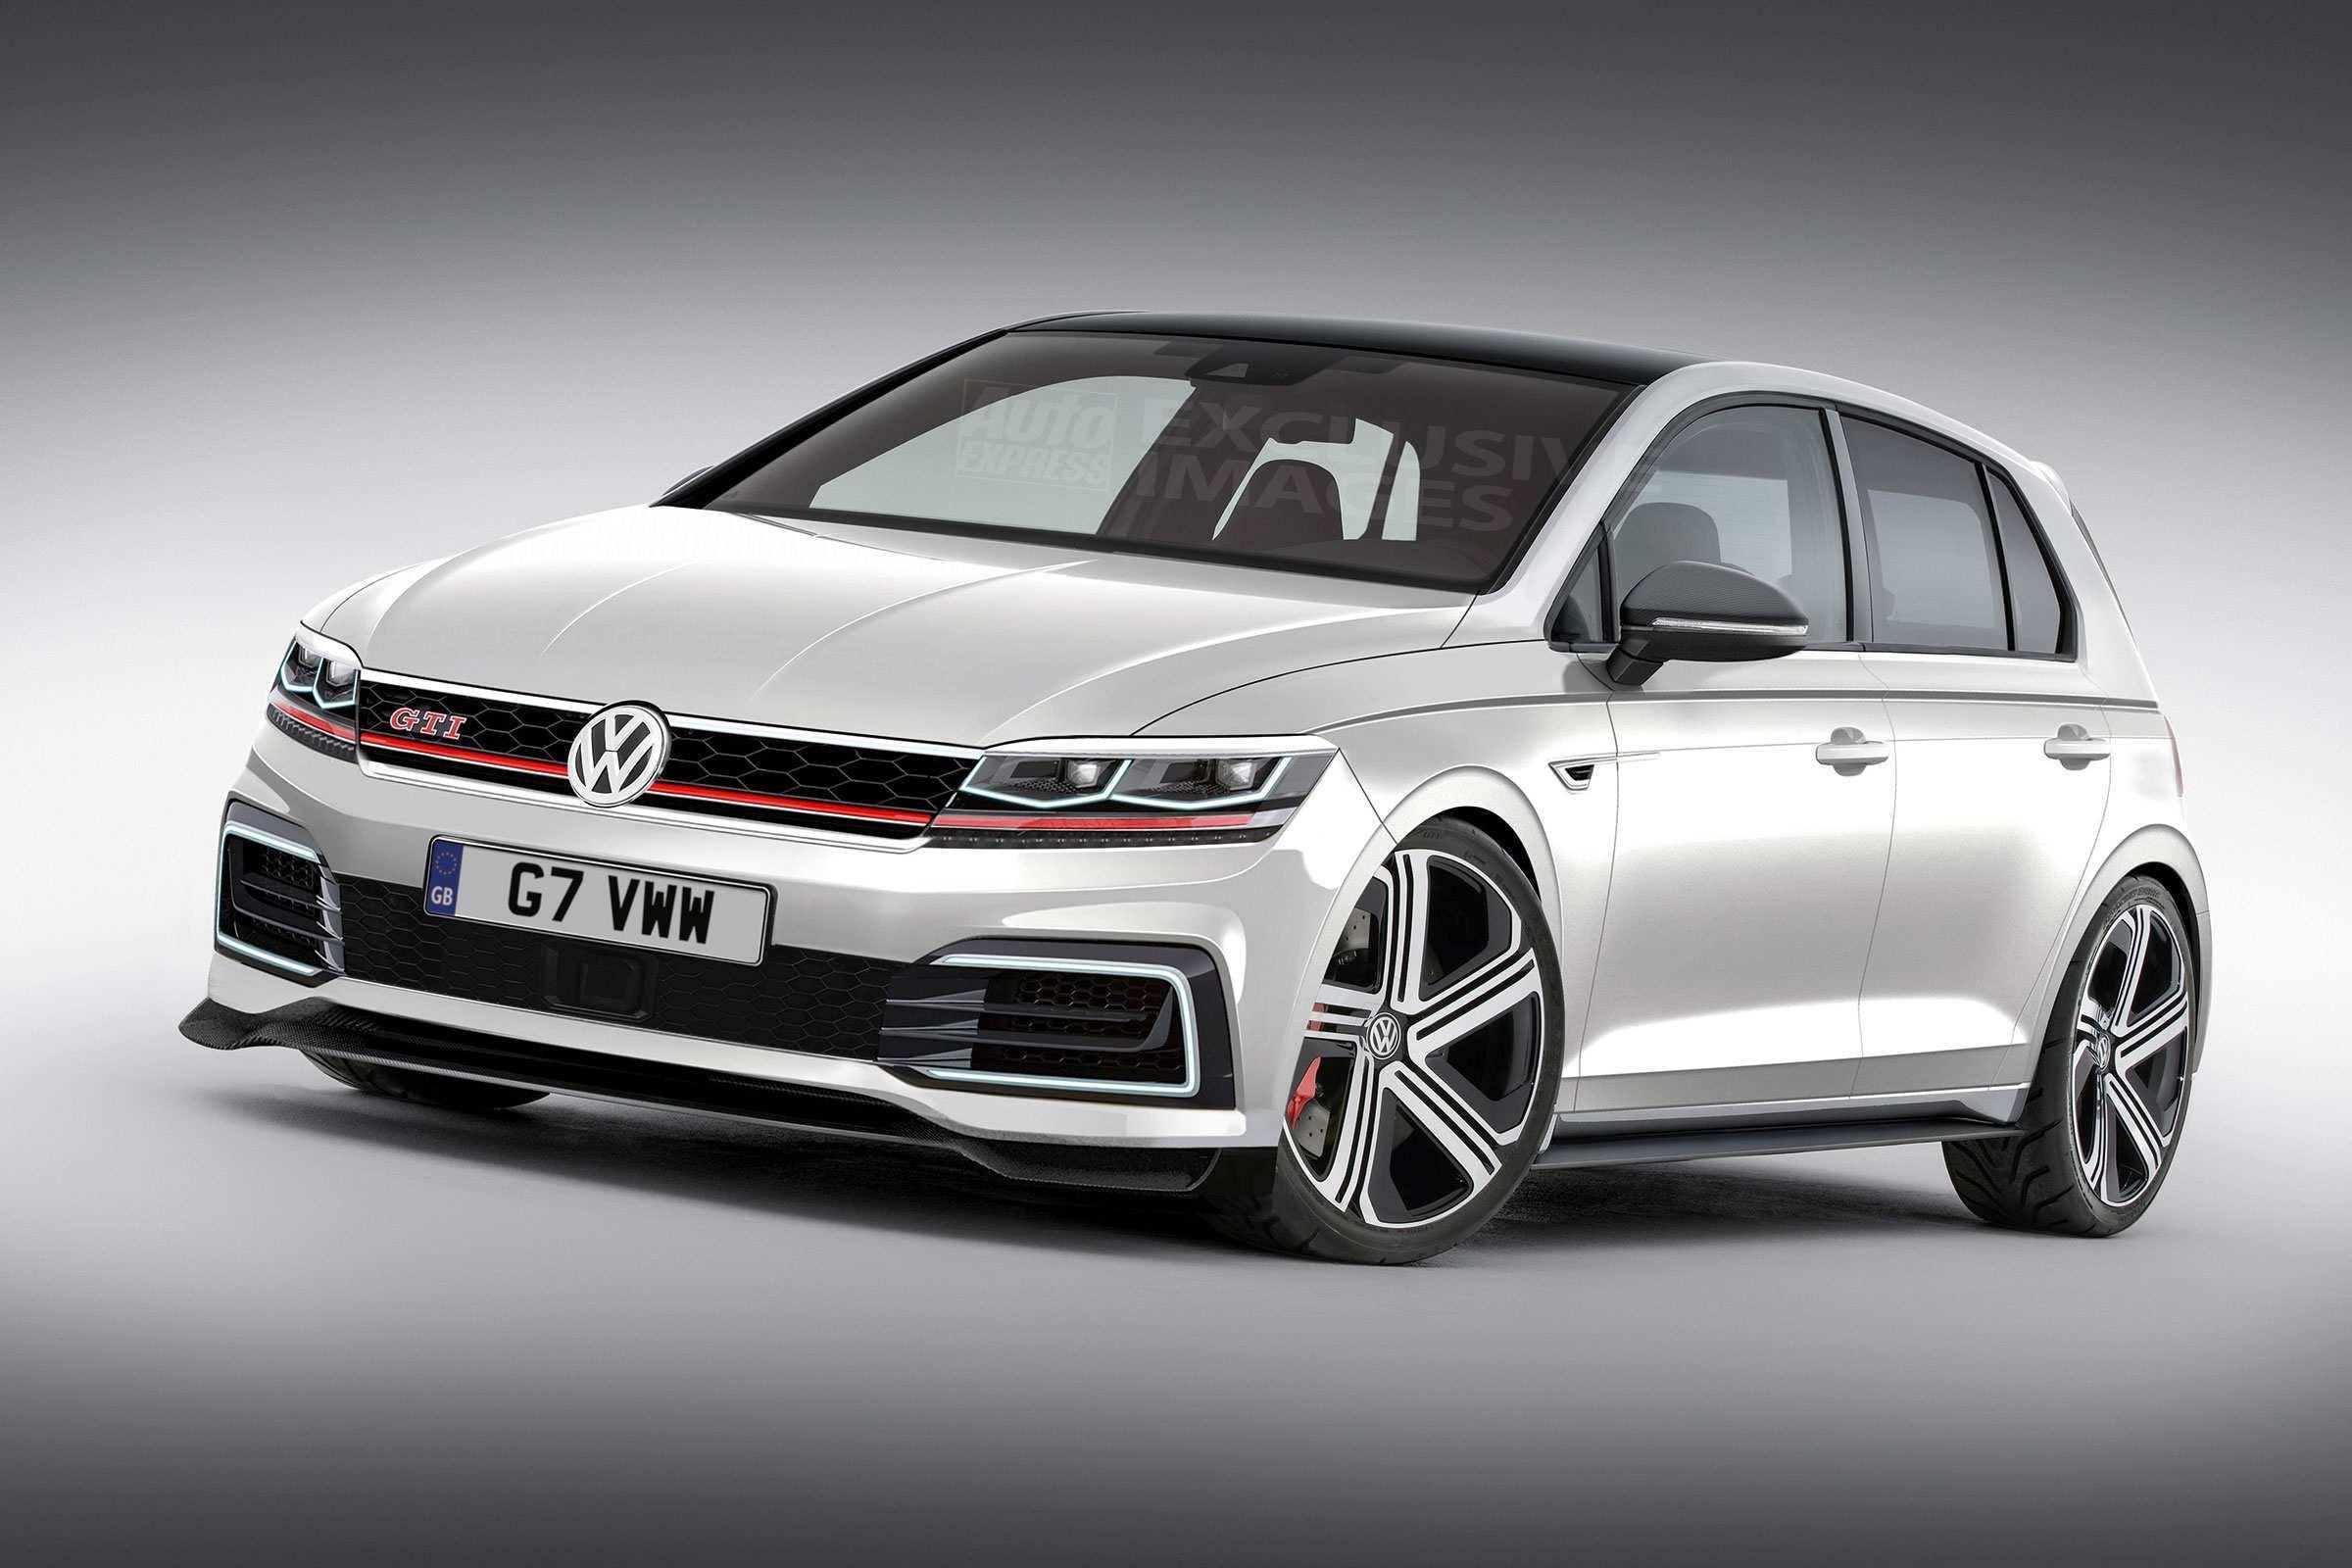 43 Concept of 2019 Volkswagen Golf Gti Exterior for 2019 Volkswagen Golf Gti